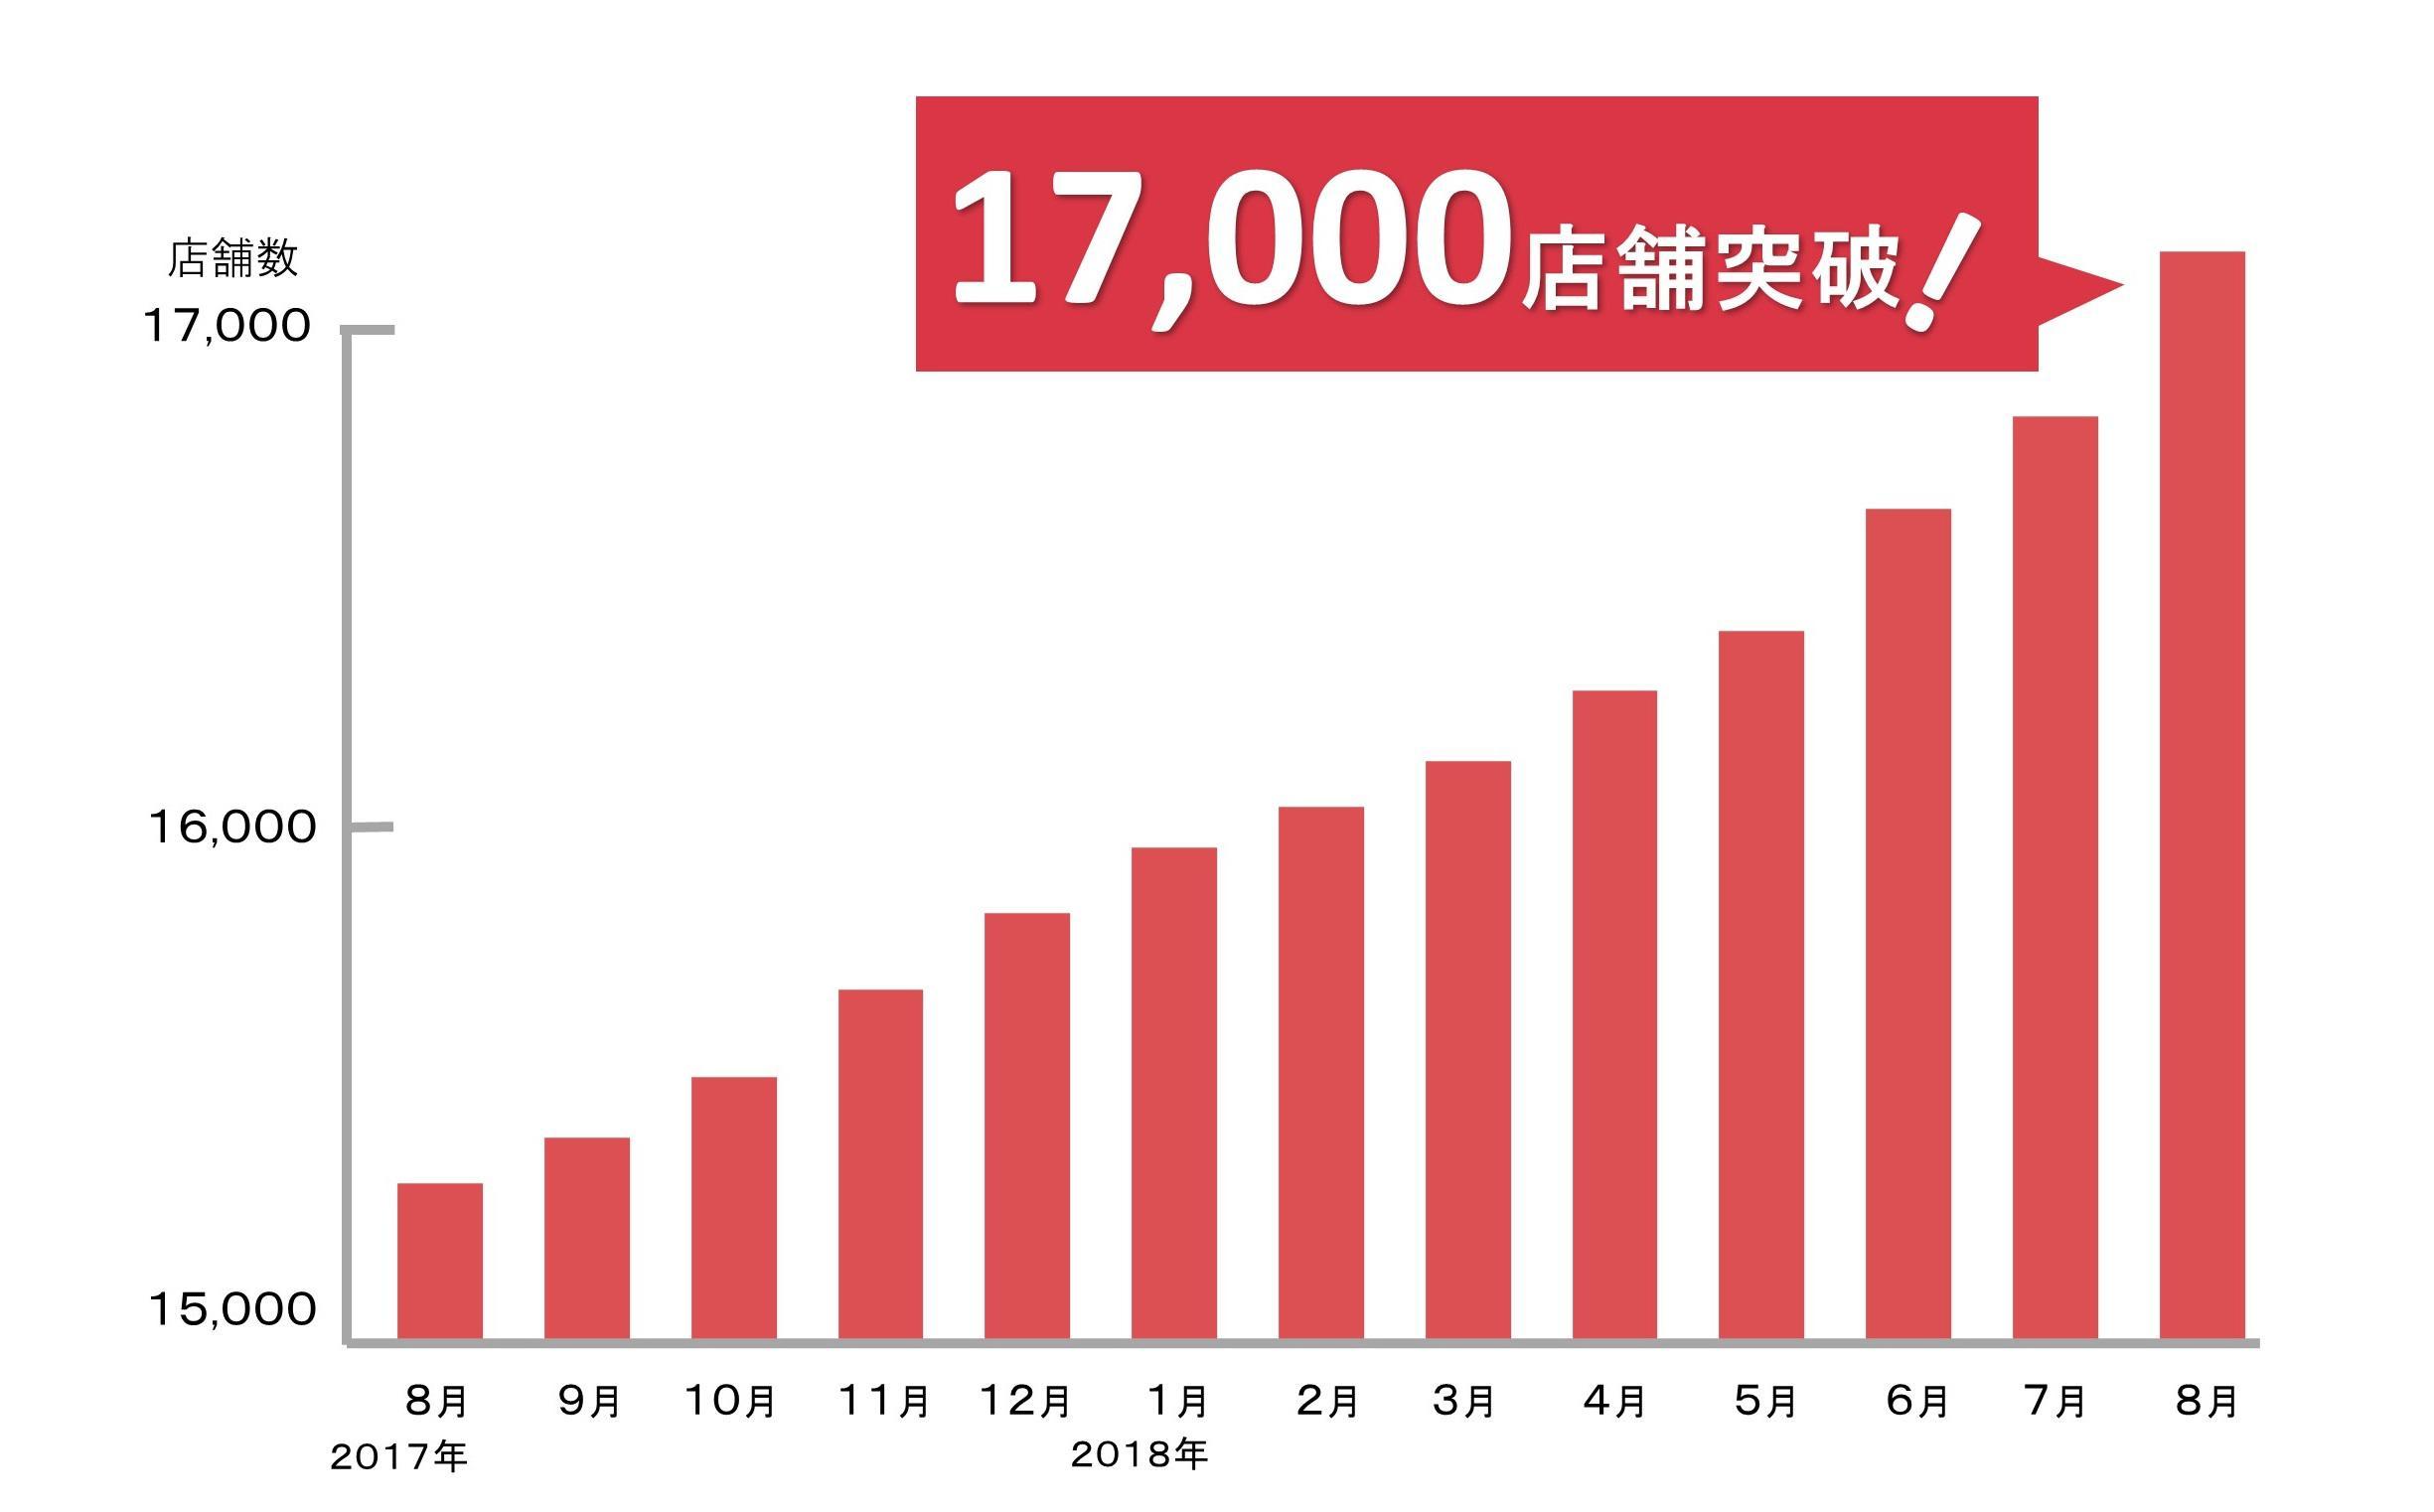 https://www.yumenomachi.co.jp/files/c70ee179c96354ed0ddc7e7d60c156683ceeef8b.jpg